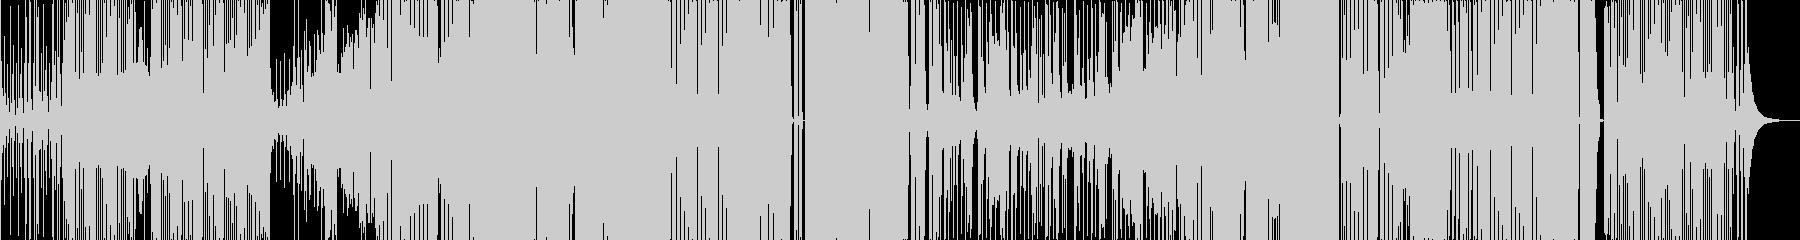 和風なベースハウスの未再生の波形